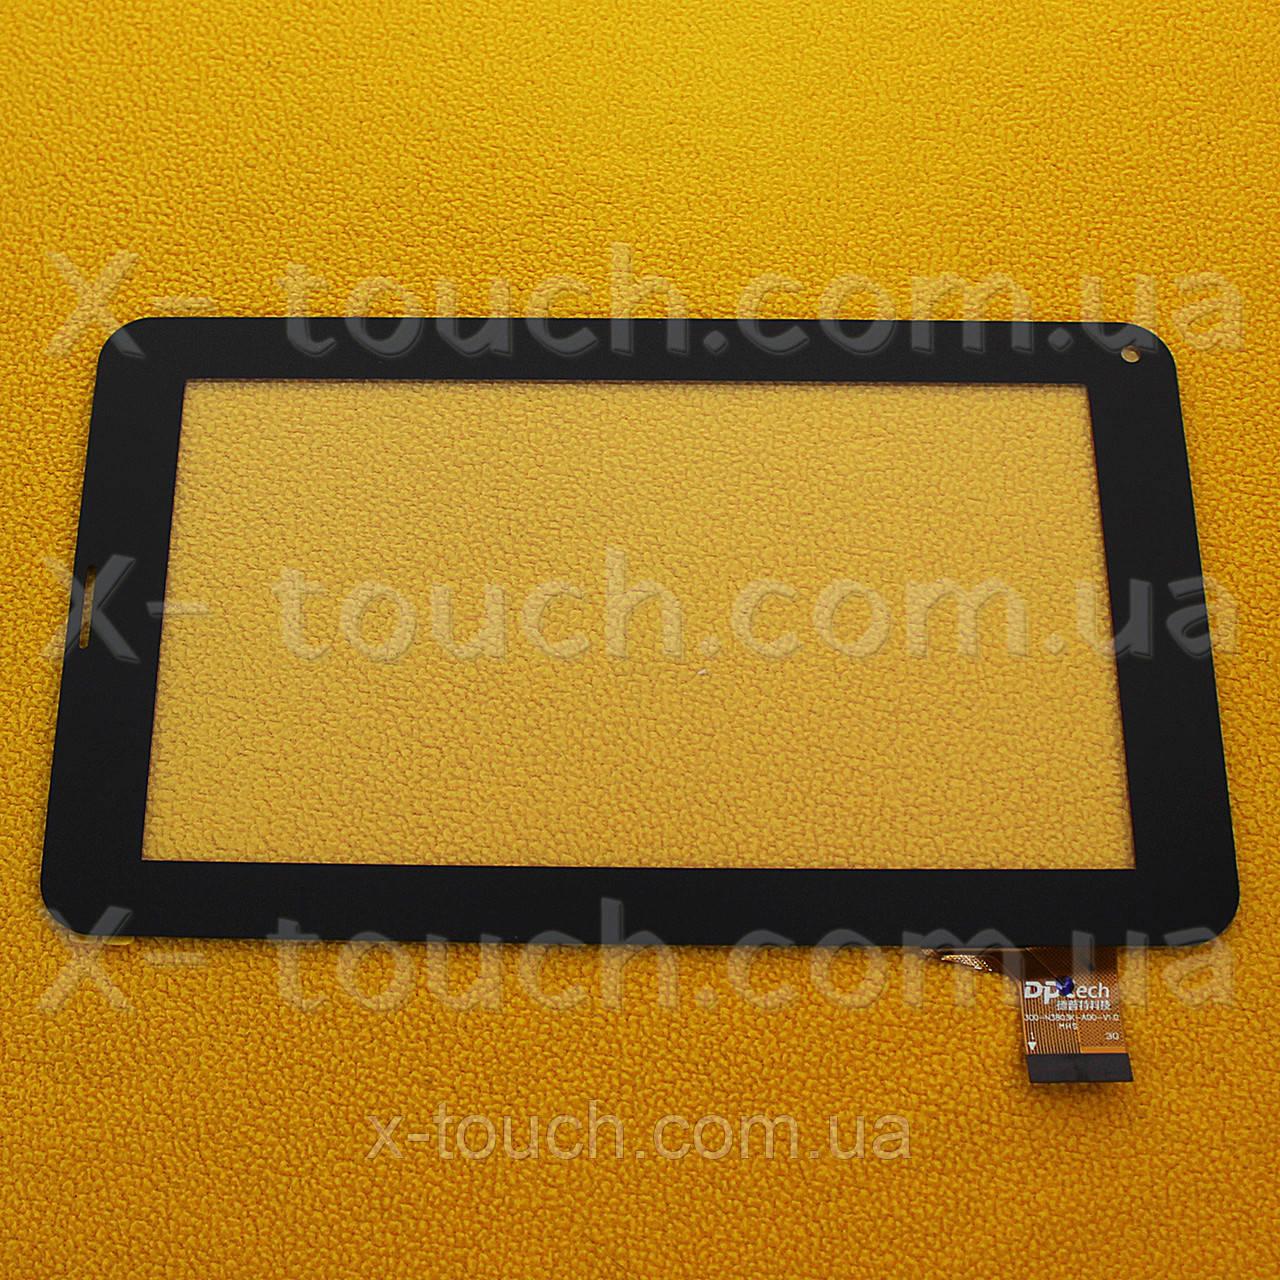 Тачскрин, сенсор  FX-86V-F-V2.0  для планшета